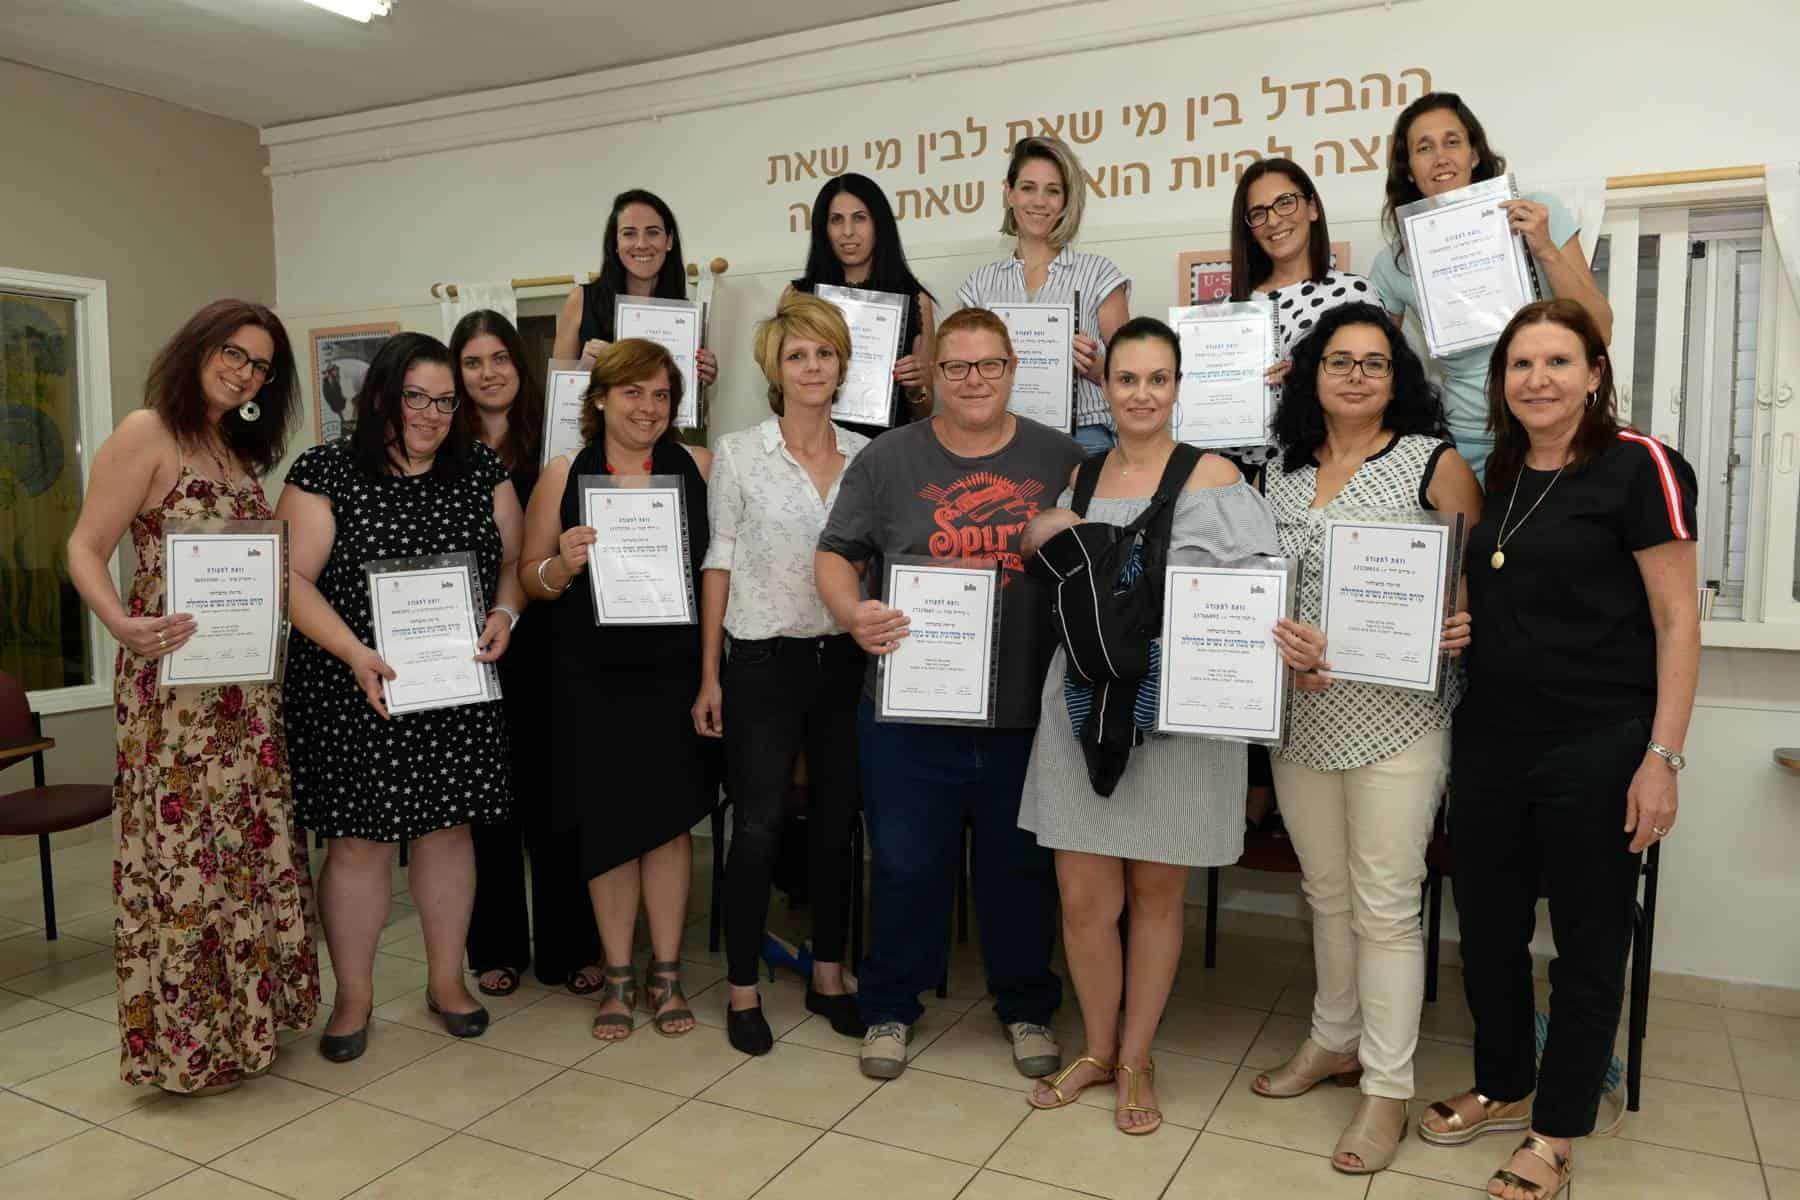 סיום מחזור שמיני של קורס מנהיגות נשים בקהילה. צילום-טל קירשנבאום